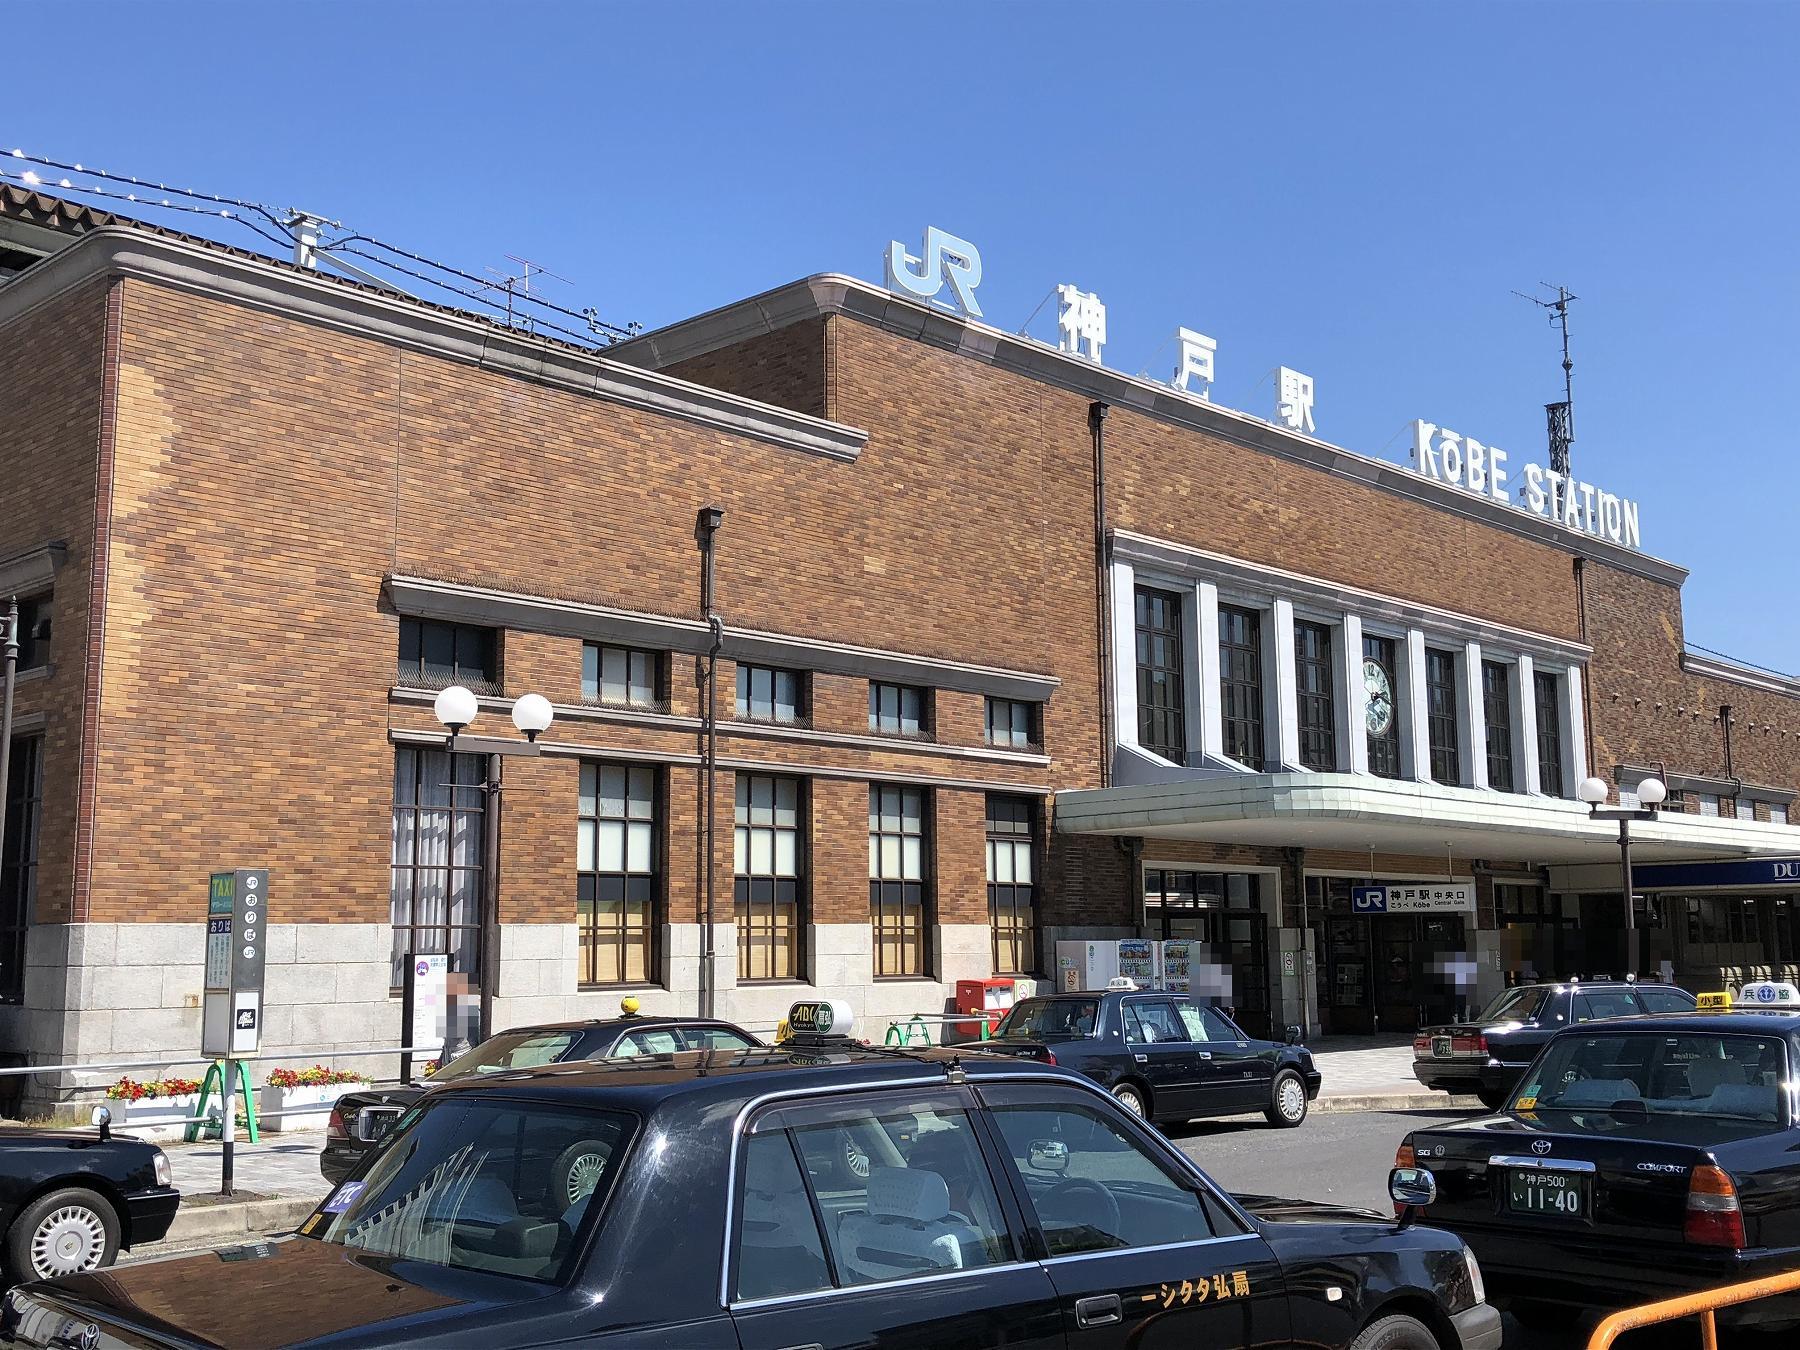 美しい近代建築の建物をご紹介:JR神戸駅のレトロな駅舎と「神戸夢見鶏」を訪ねてみた! #近代建築 #JR神戸駅 #貴賓室 #神戸観光 #神戸夢見鶏